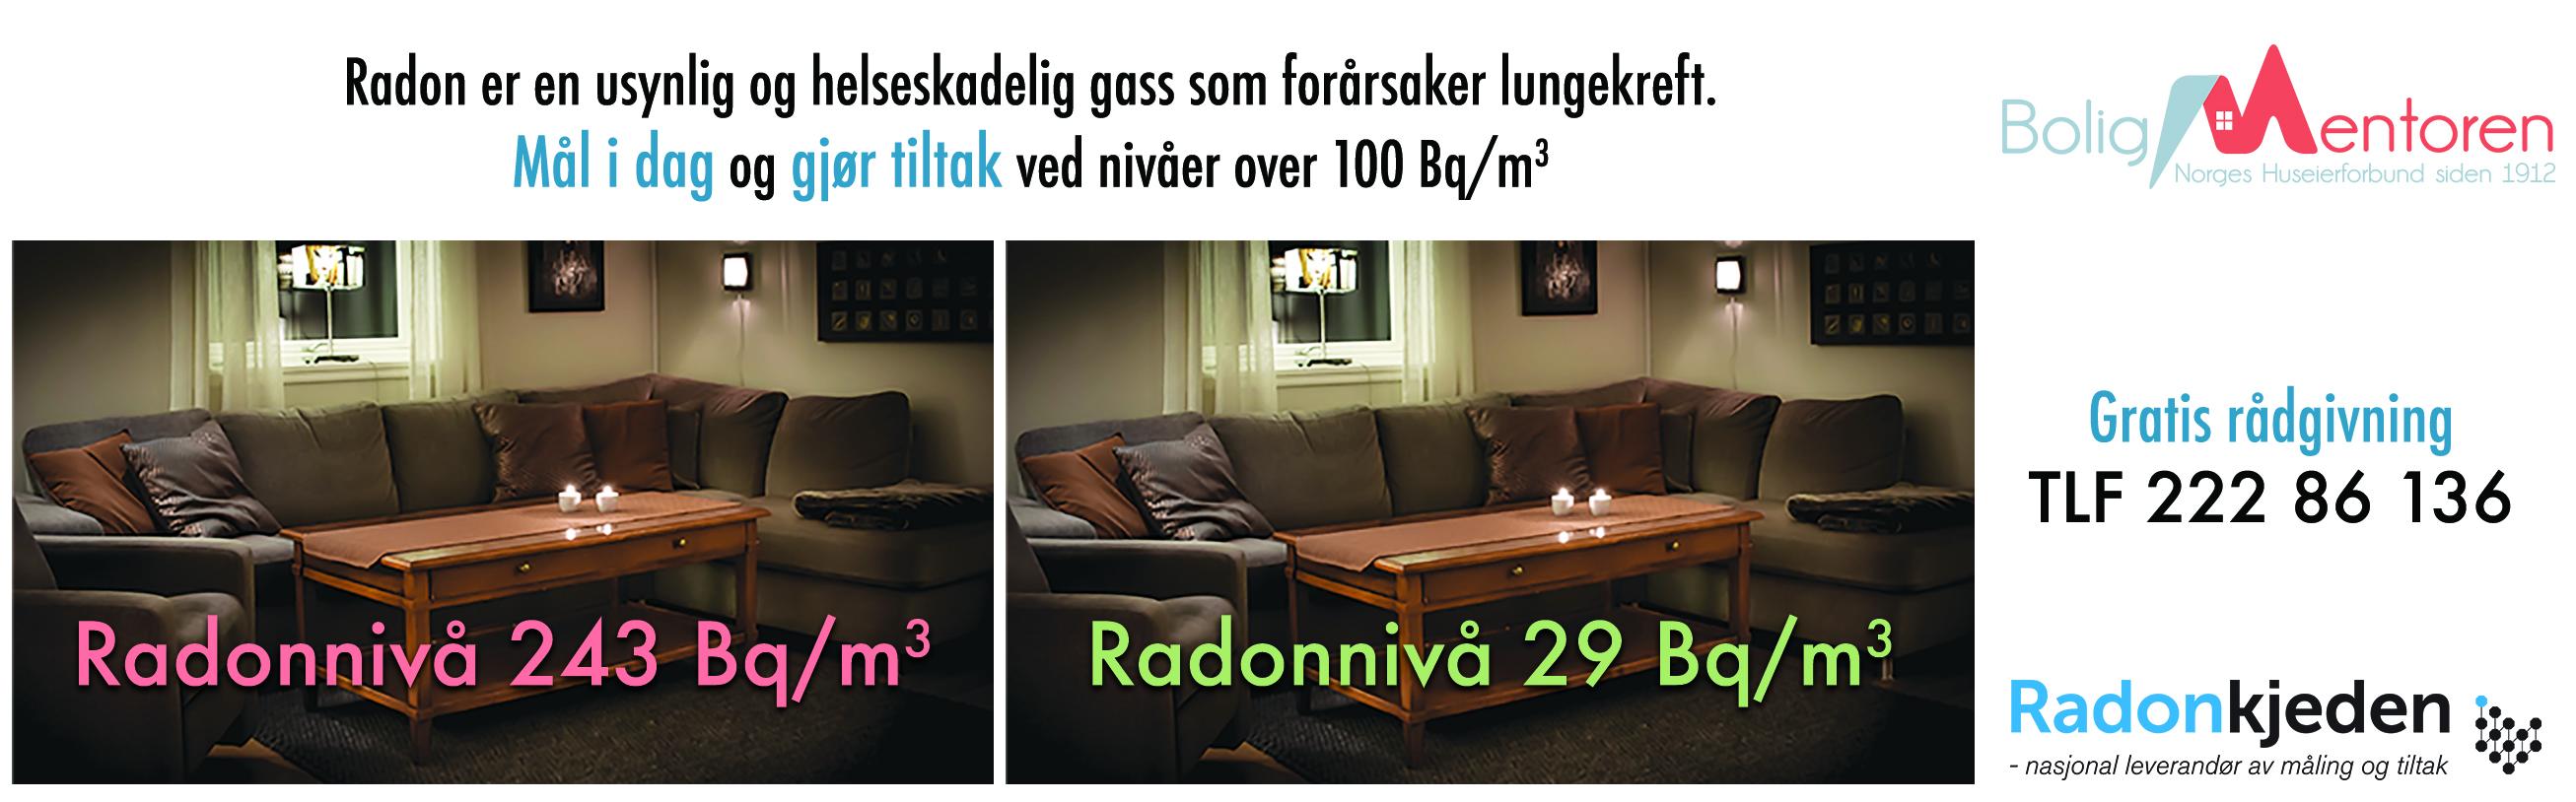 Radon er en usynlig og helseskadelig gass som hvert år tar livet av over 300 mennesker. Målesesongen er nå i gang. (Illustrasjon: Radonkjeden).